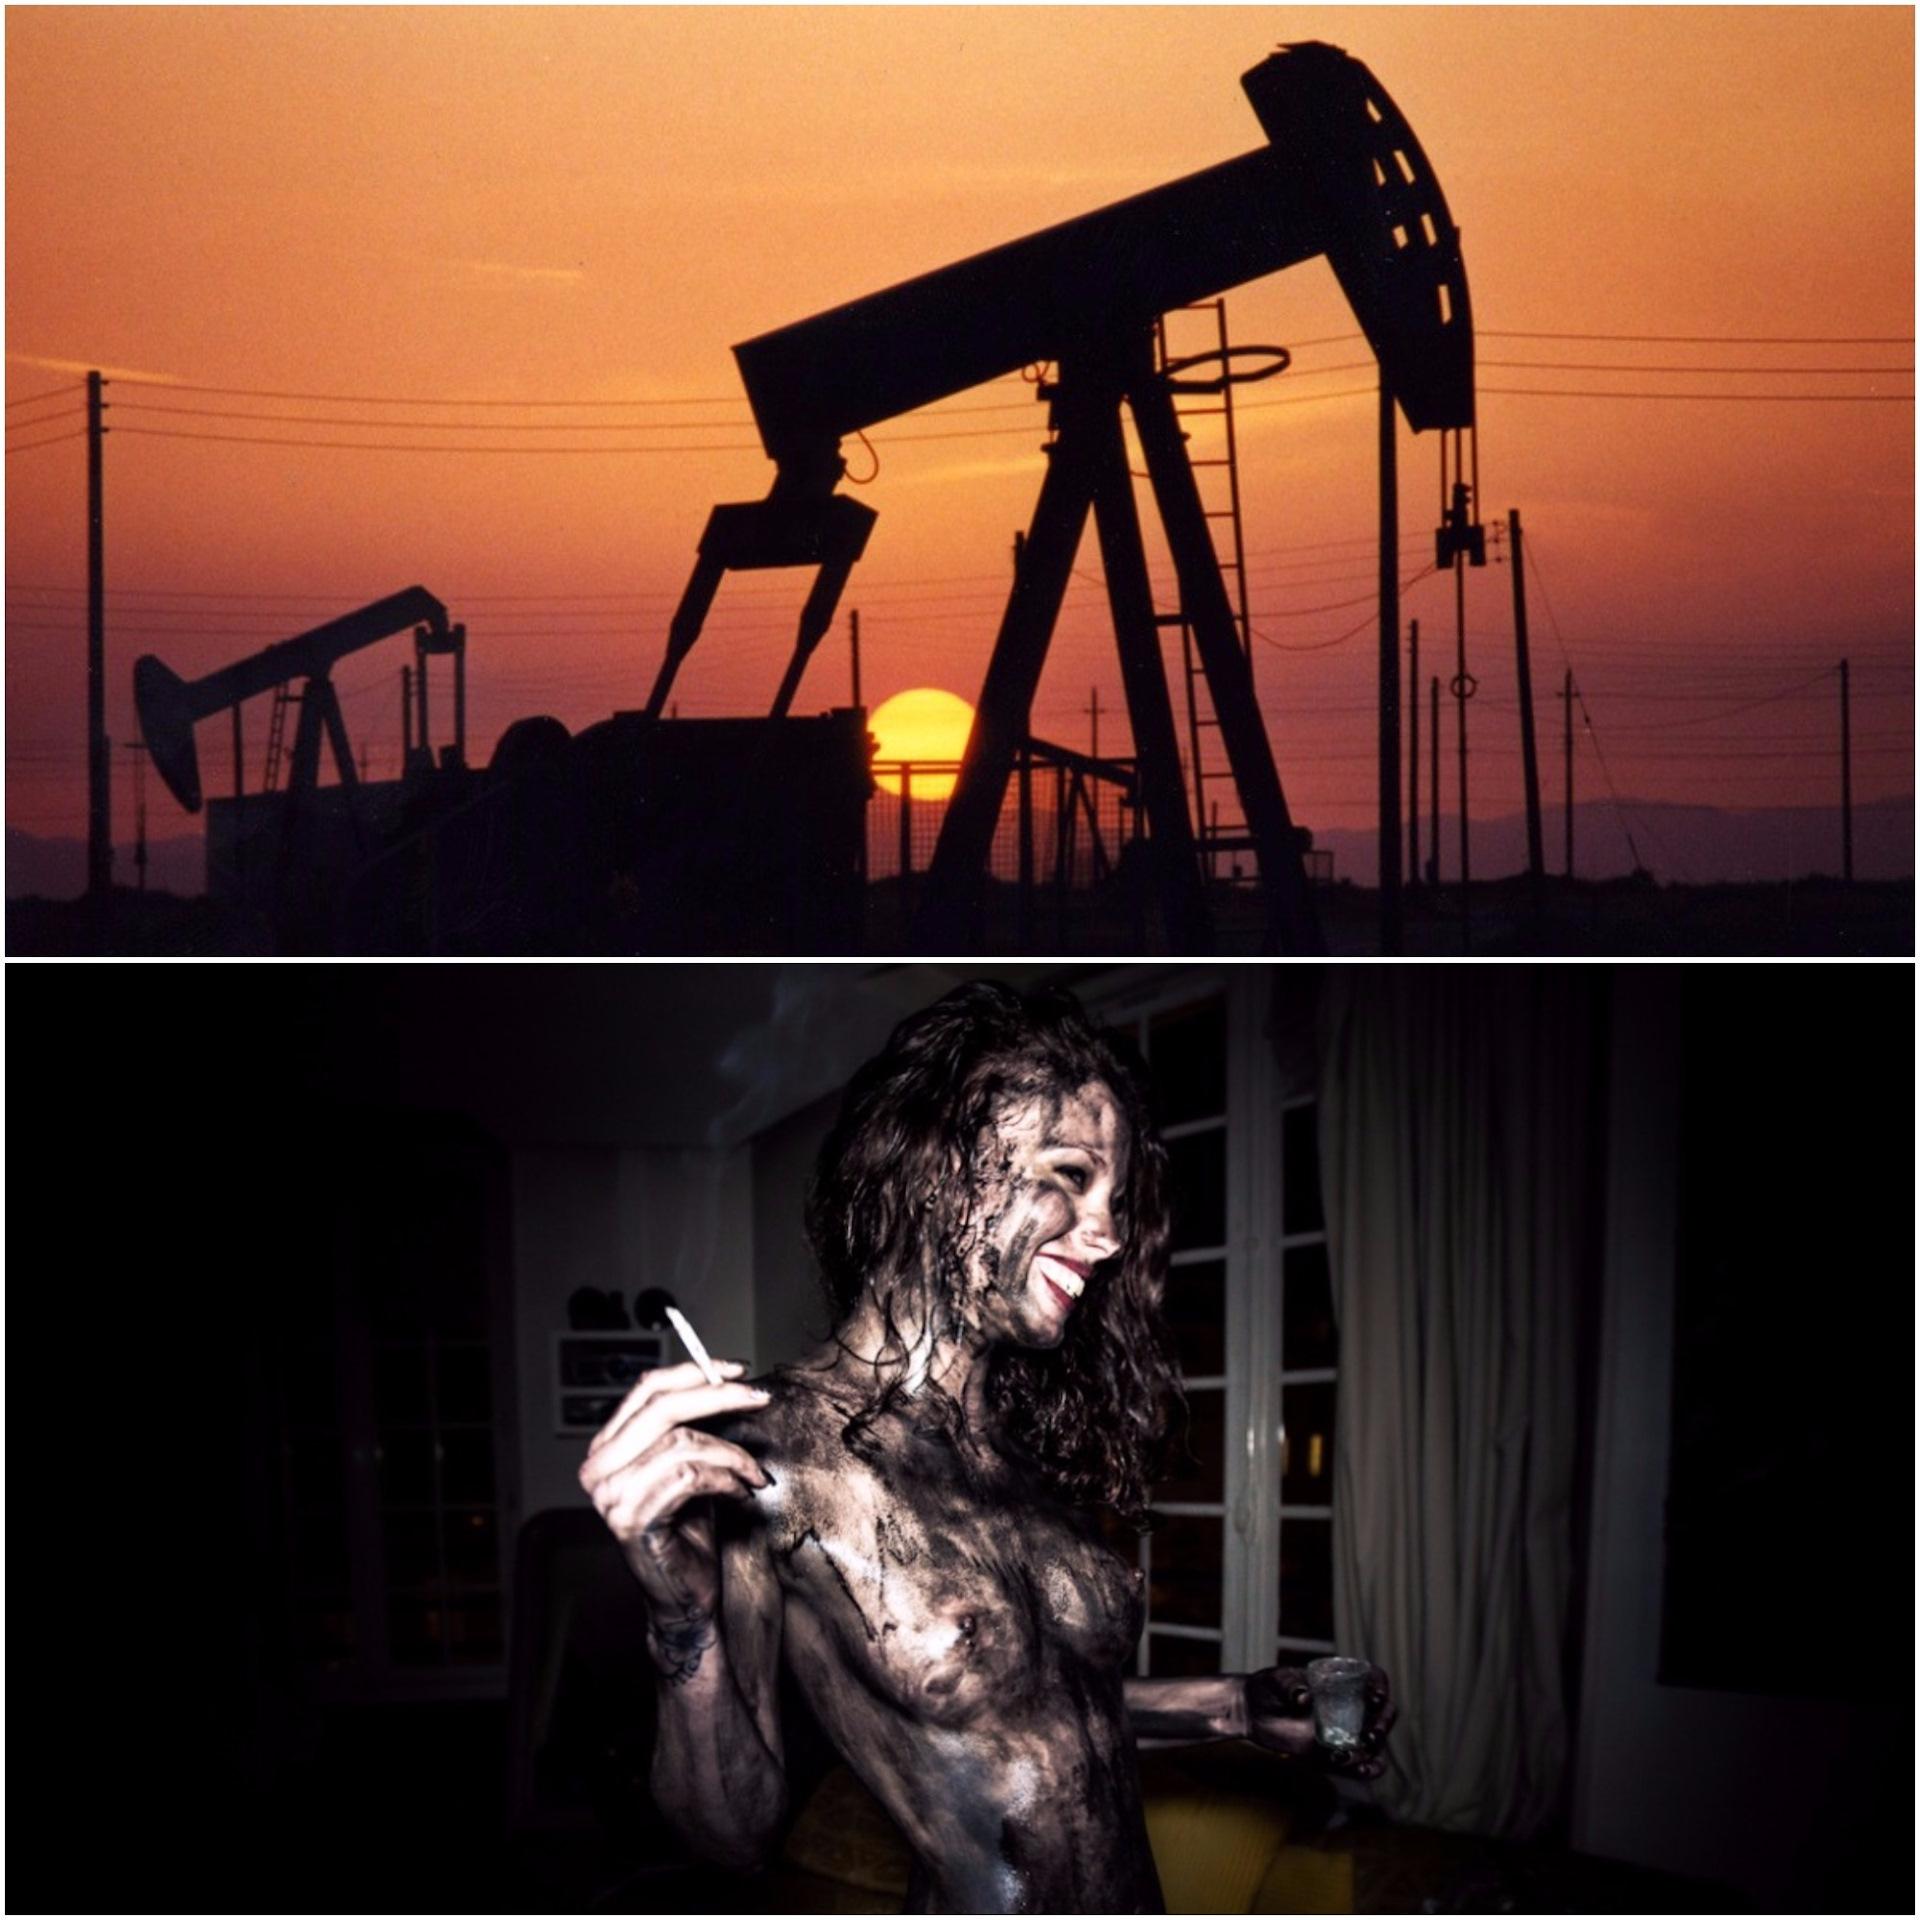 очень ржачные картинки про нефтяников этого основание вольера